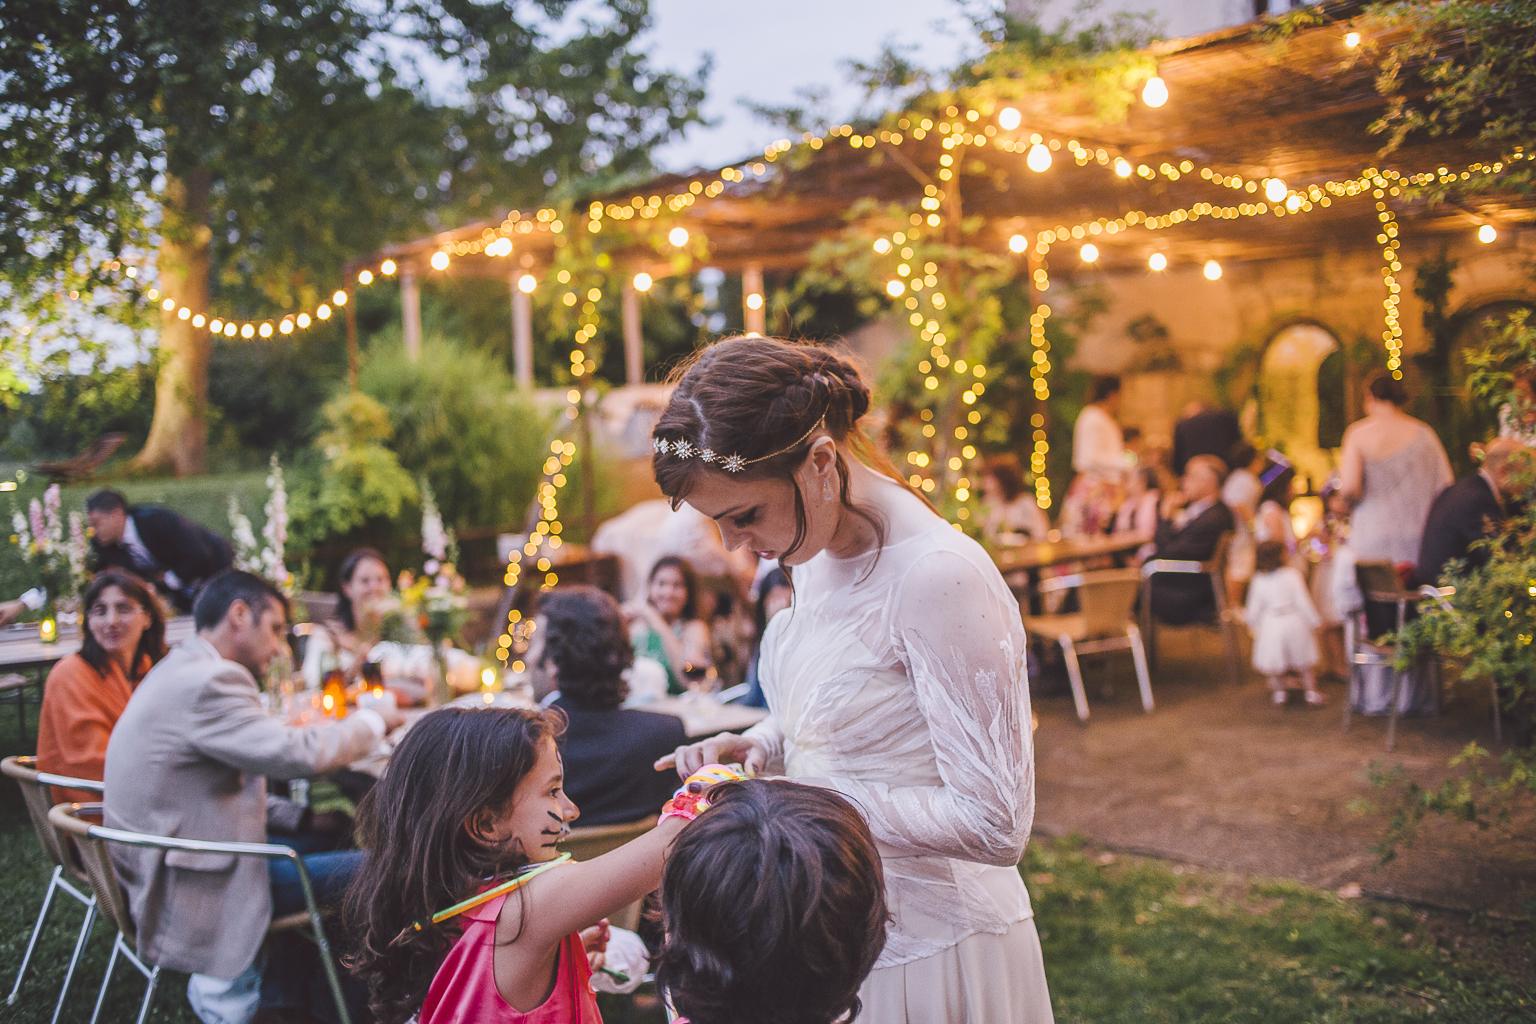 fotografos de boda girona :: boda en pera batlla :: boda romántica en el campo :: country wedding :: boda campestre :: boda romántica :: fotógrafo de bodas internacional :: fotógrafo de bodas costa brava :: boda romántica